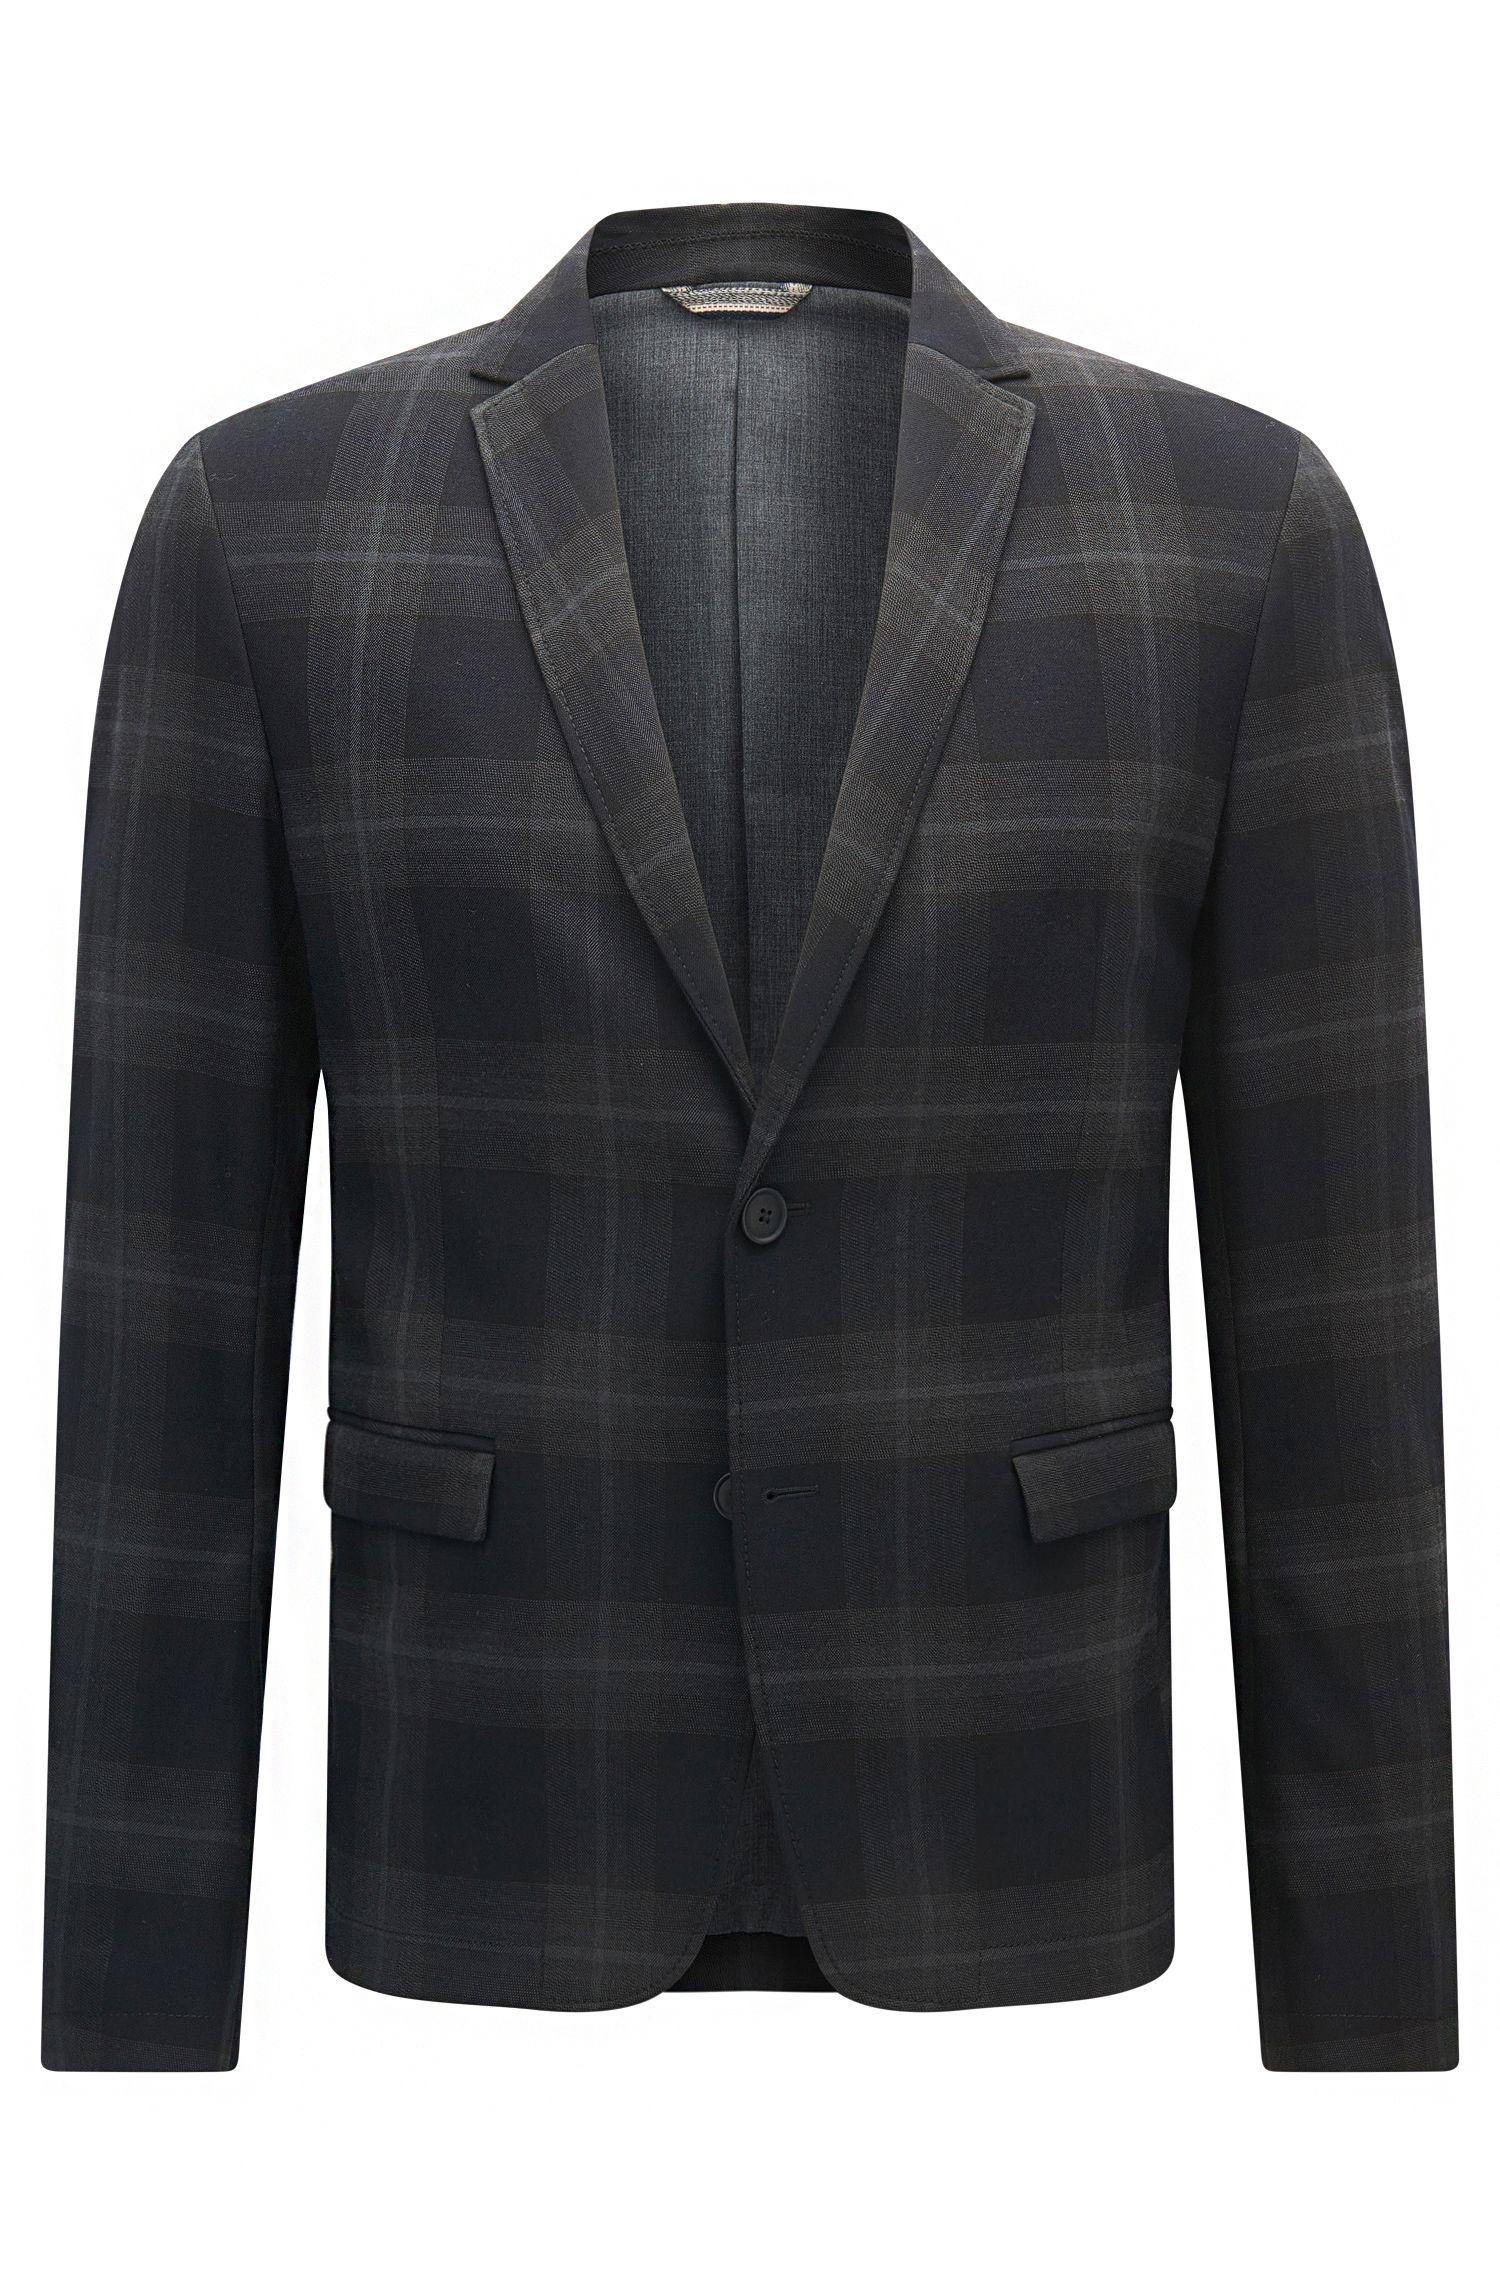 Plaid Twill Sport Coat, Slim Fit | Benestretch BS